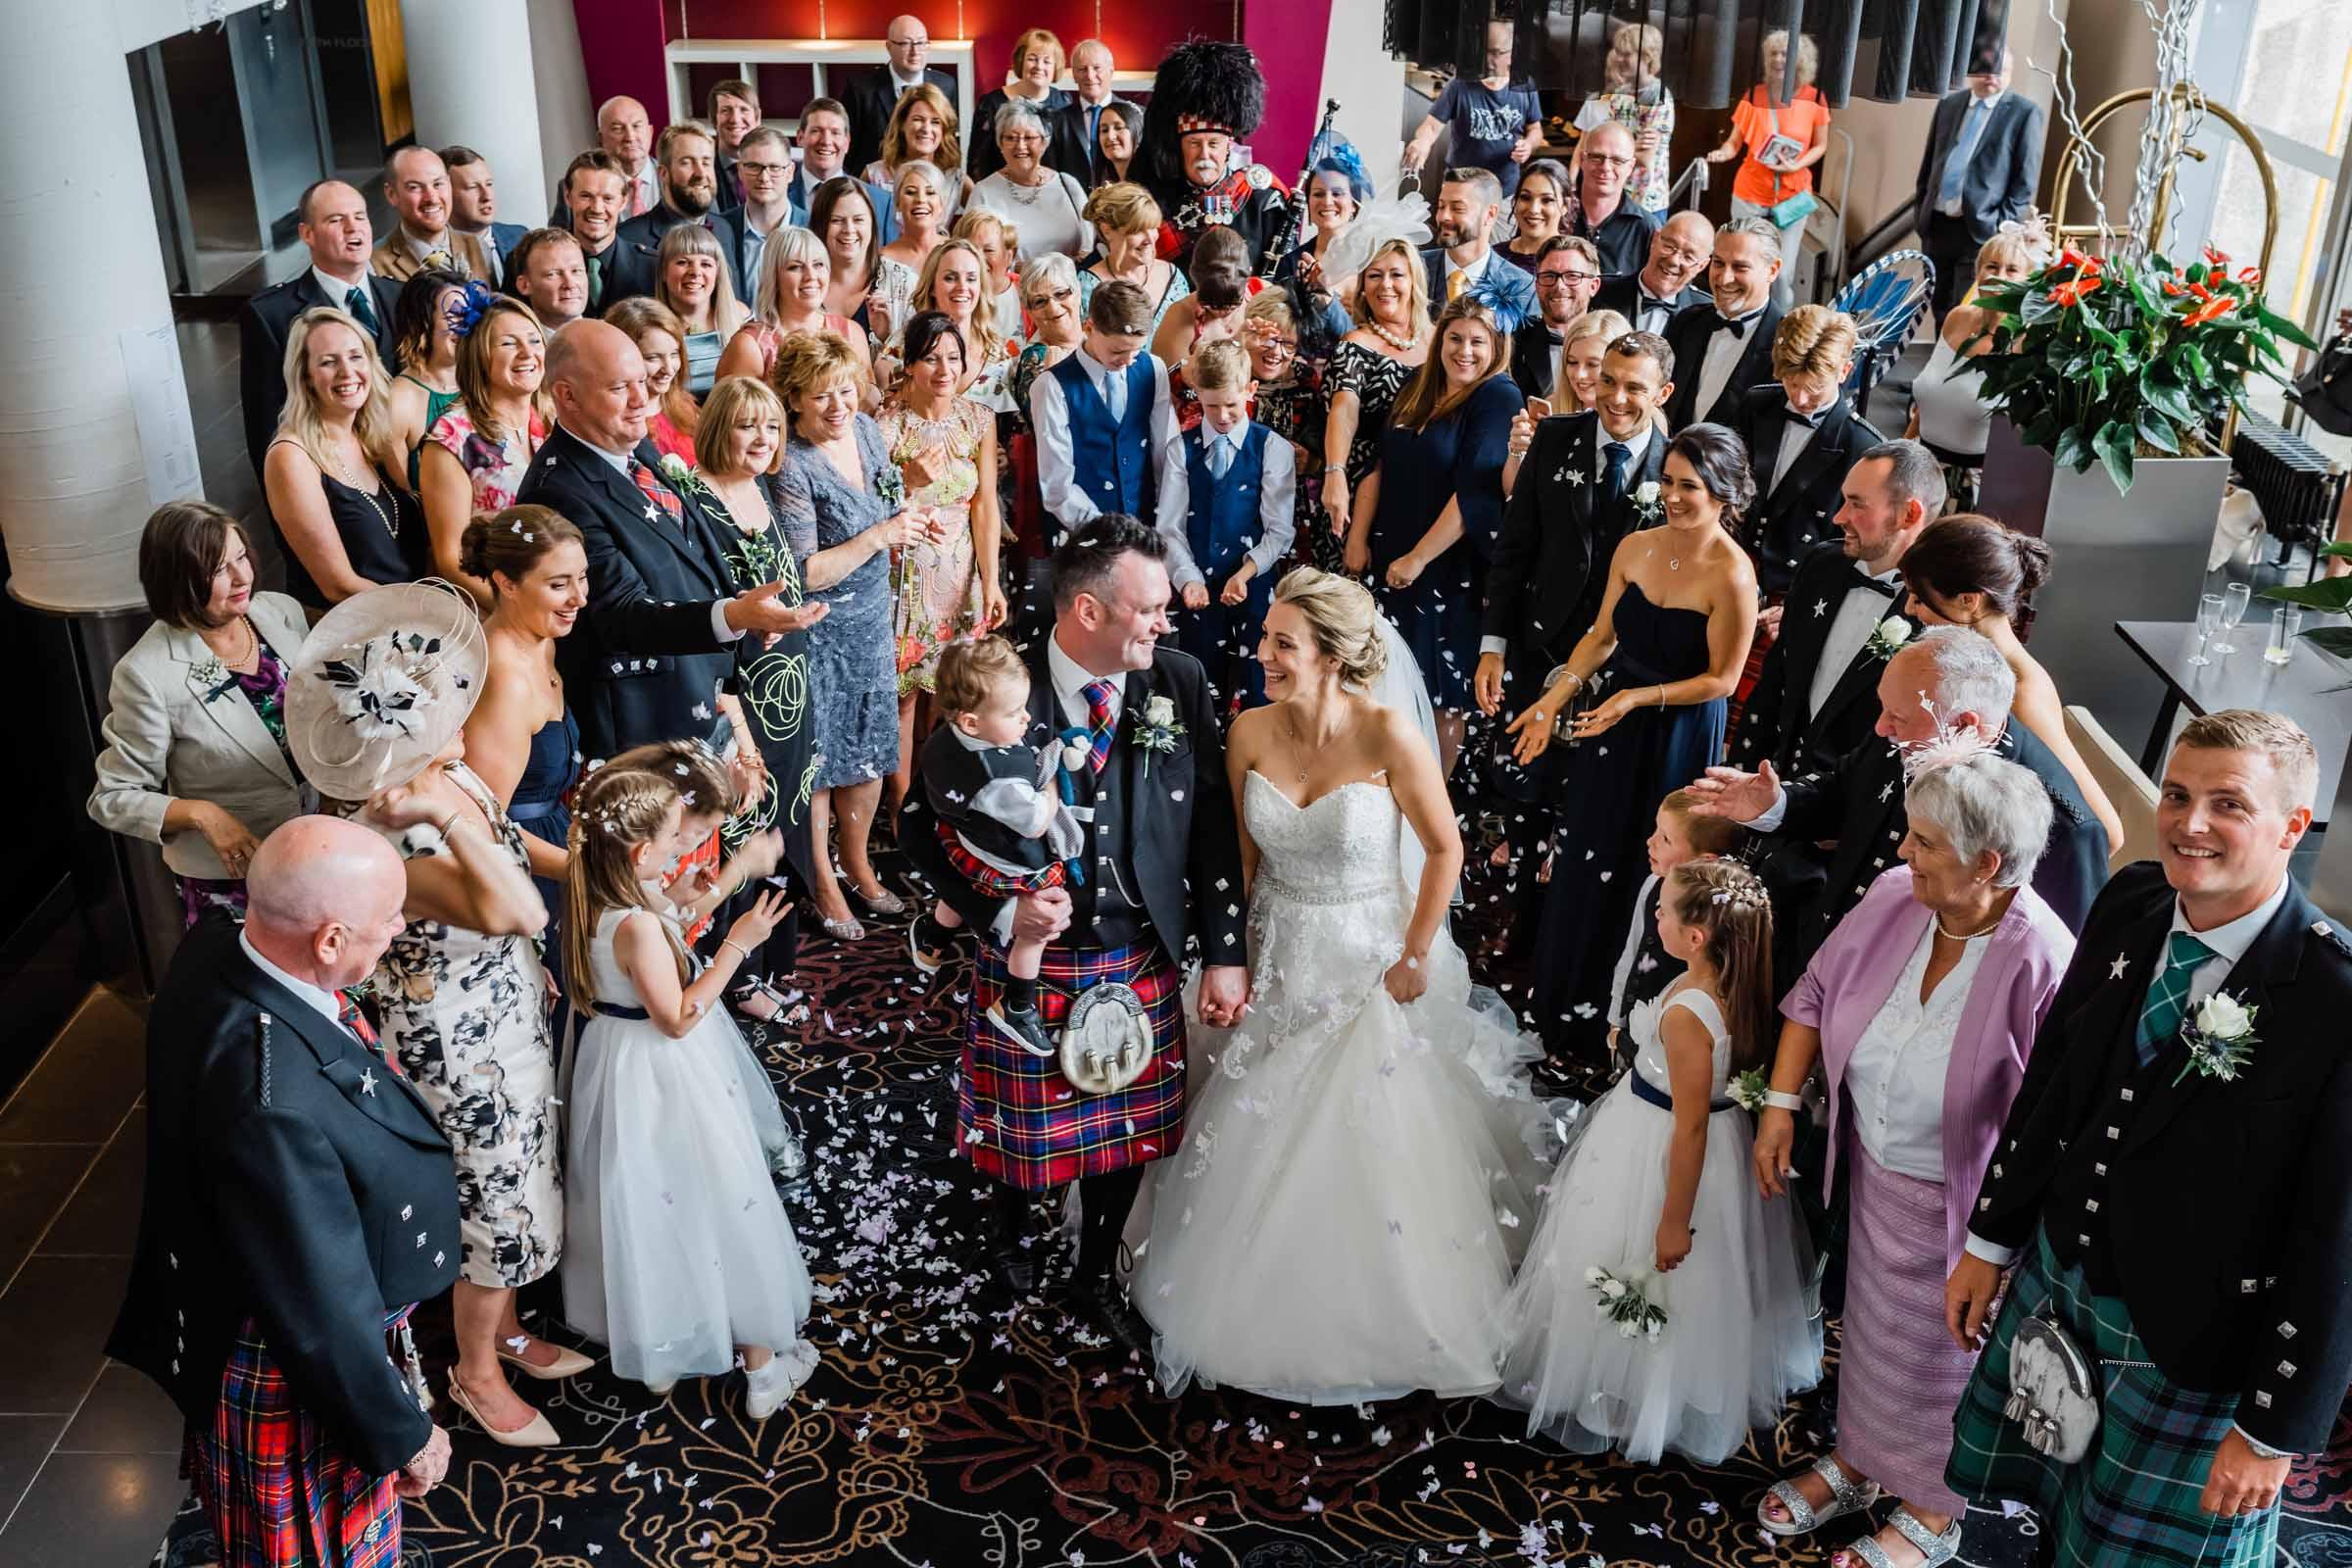 edinburgh_apex_hotel_wedding_dearlyphotography (39 of 65).jpg